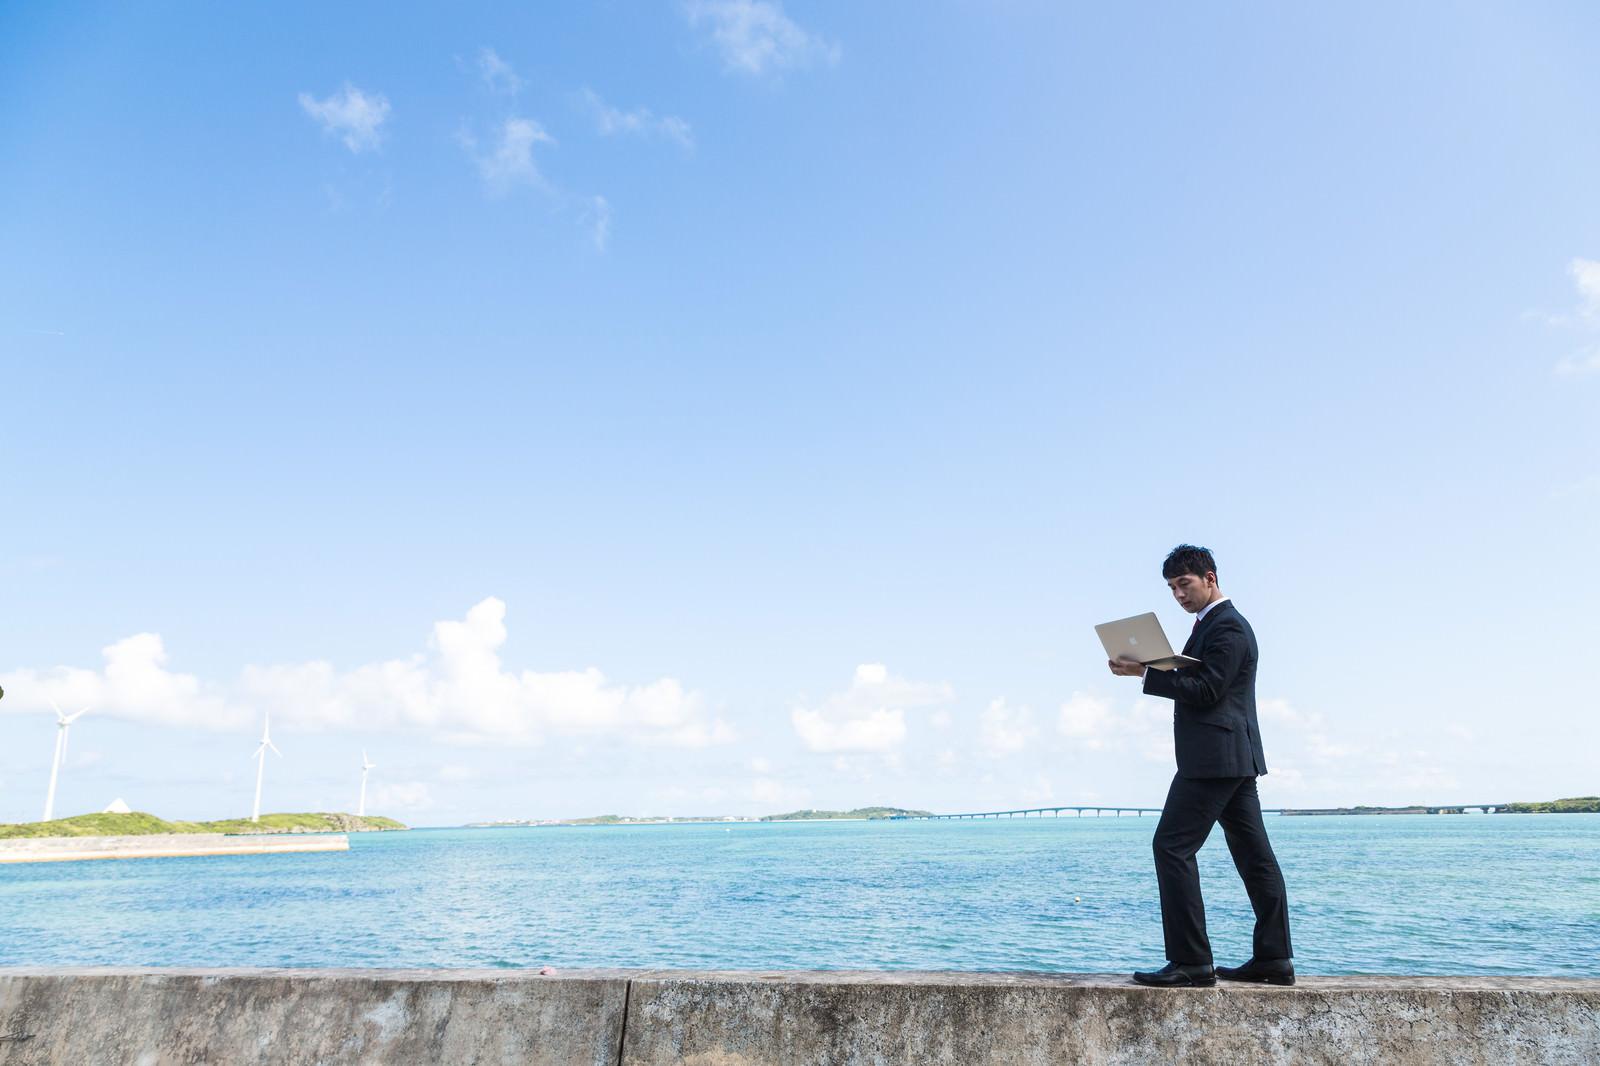 「南の島で電波を求めて歩くポケットWi-Fiトラベラー南の島で電波を求めて歩くポケットWi-Fiトラベラー」[モデル:大川竜弥]のフリー写真素材を拡大